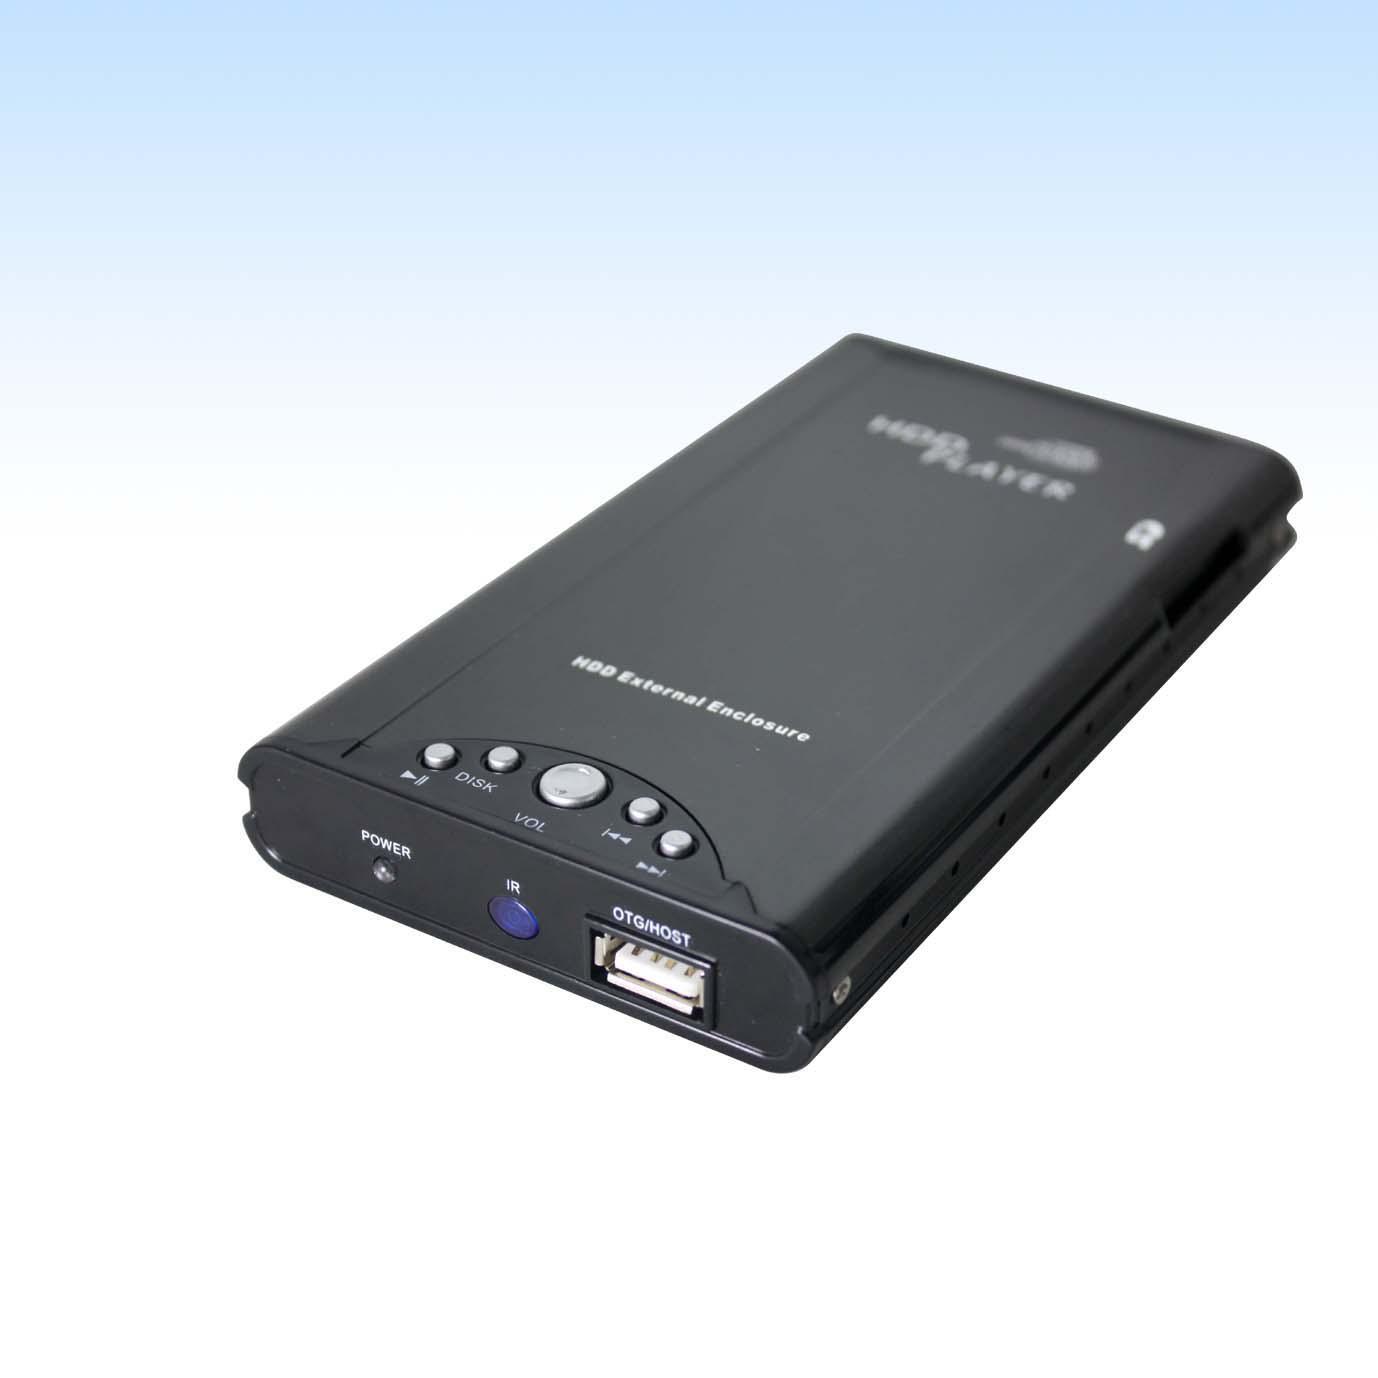 1080i Hdd Media Player Avi Divx Xvid Support 2.5 Internal ...